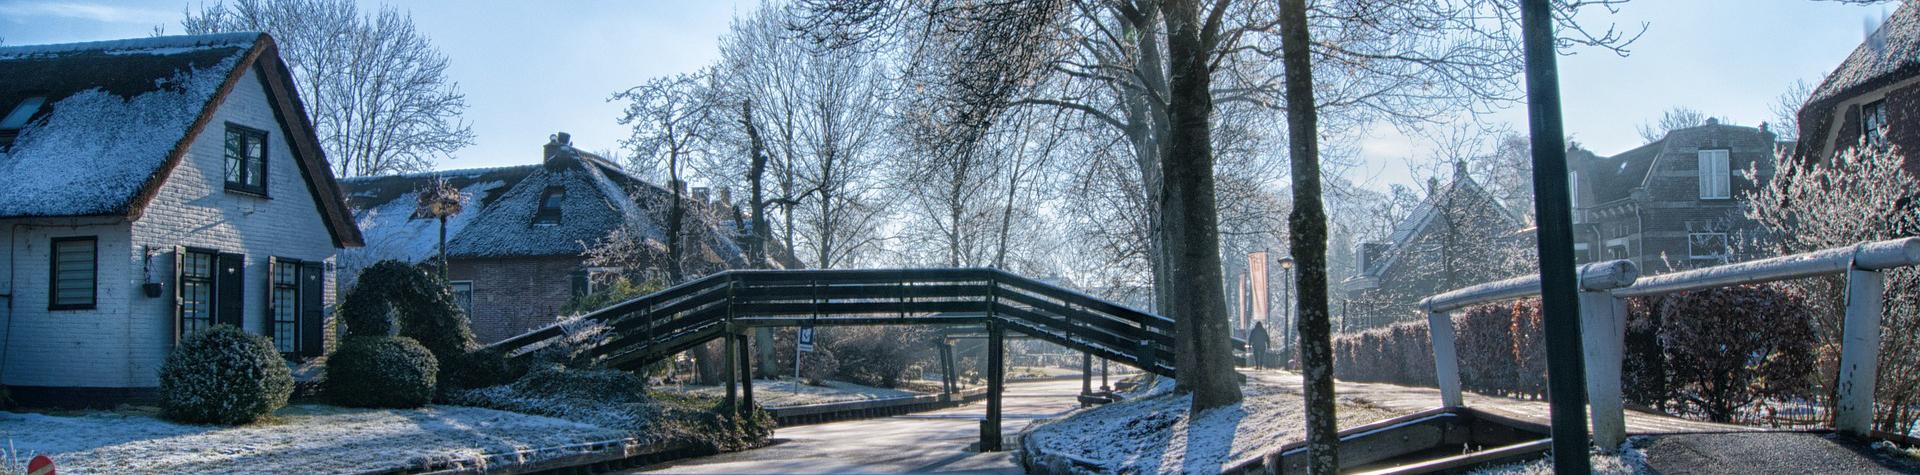 Rolluiken en screens in de winter: meer woonplezier en lagere energiekosten!